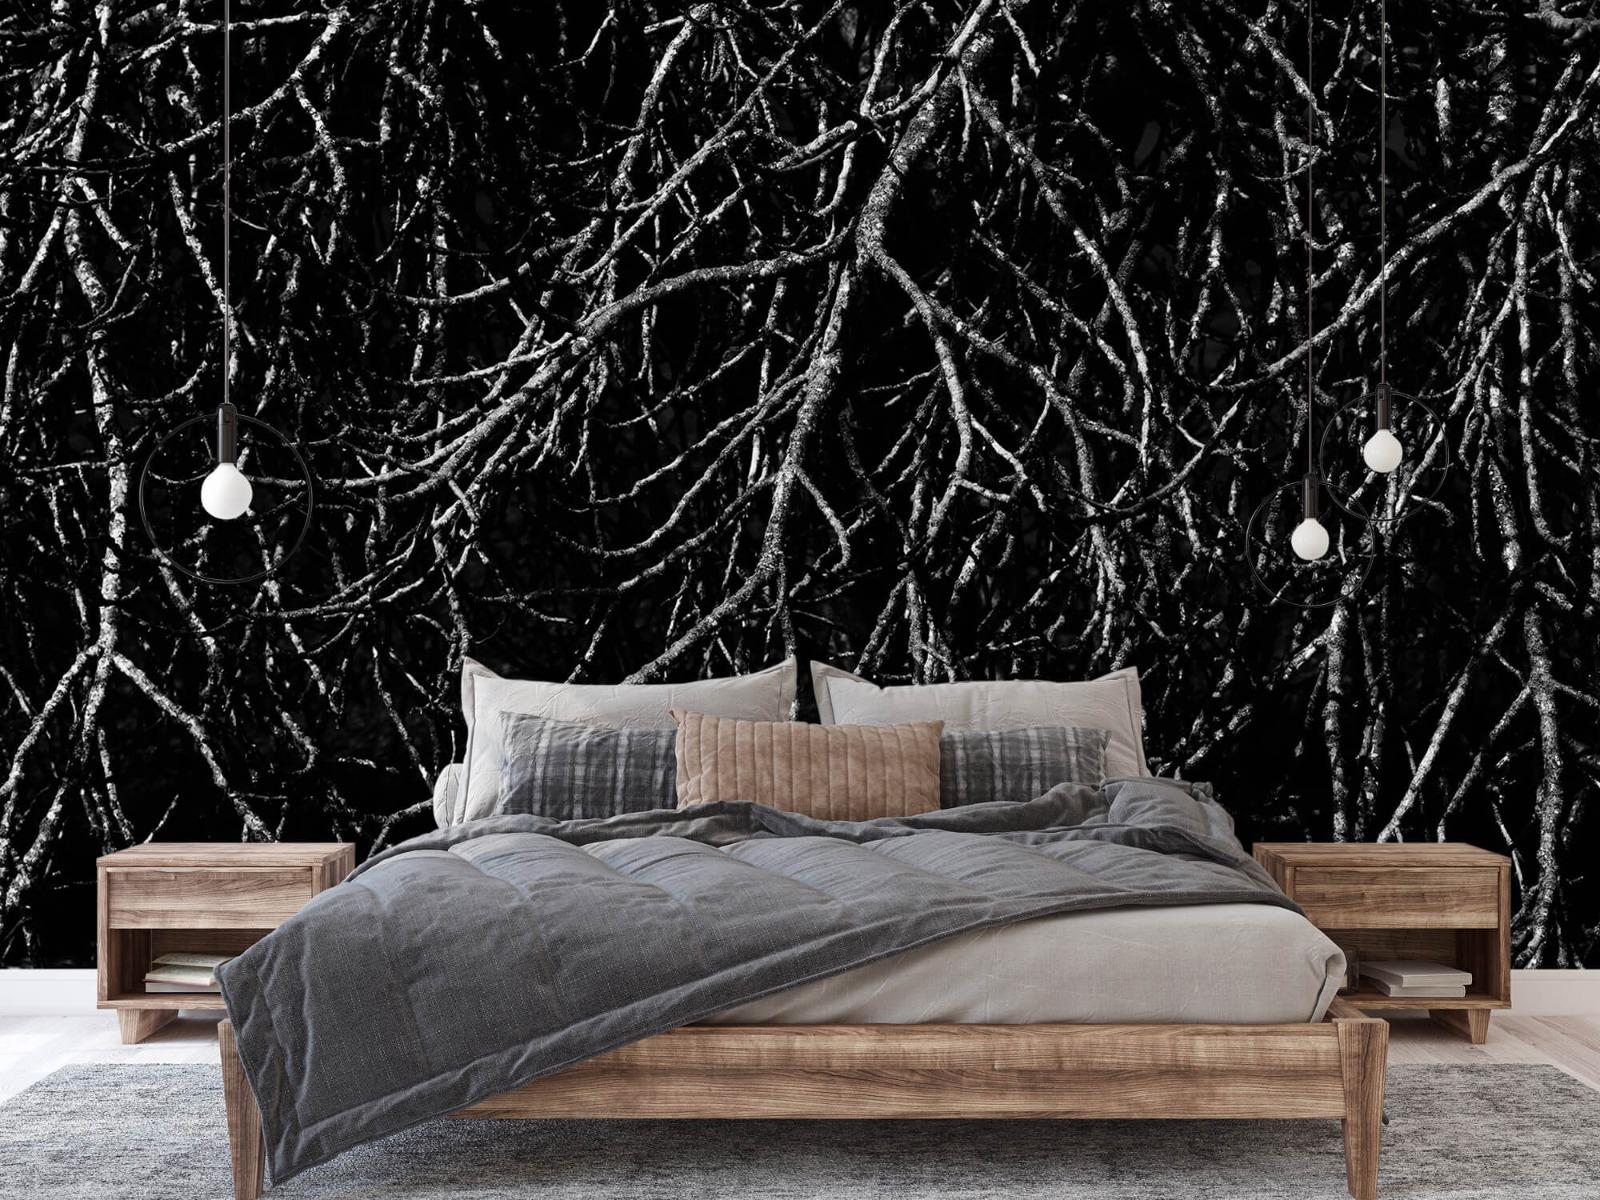 Zwart Wit behang - Boomtakken in zwart wit - Magazijn 2